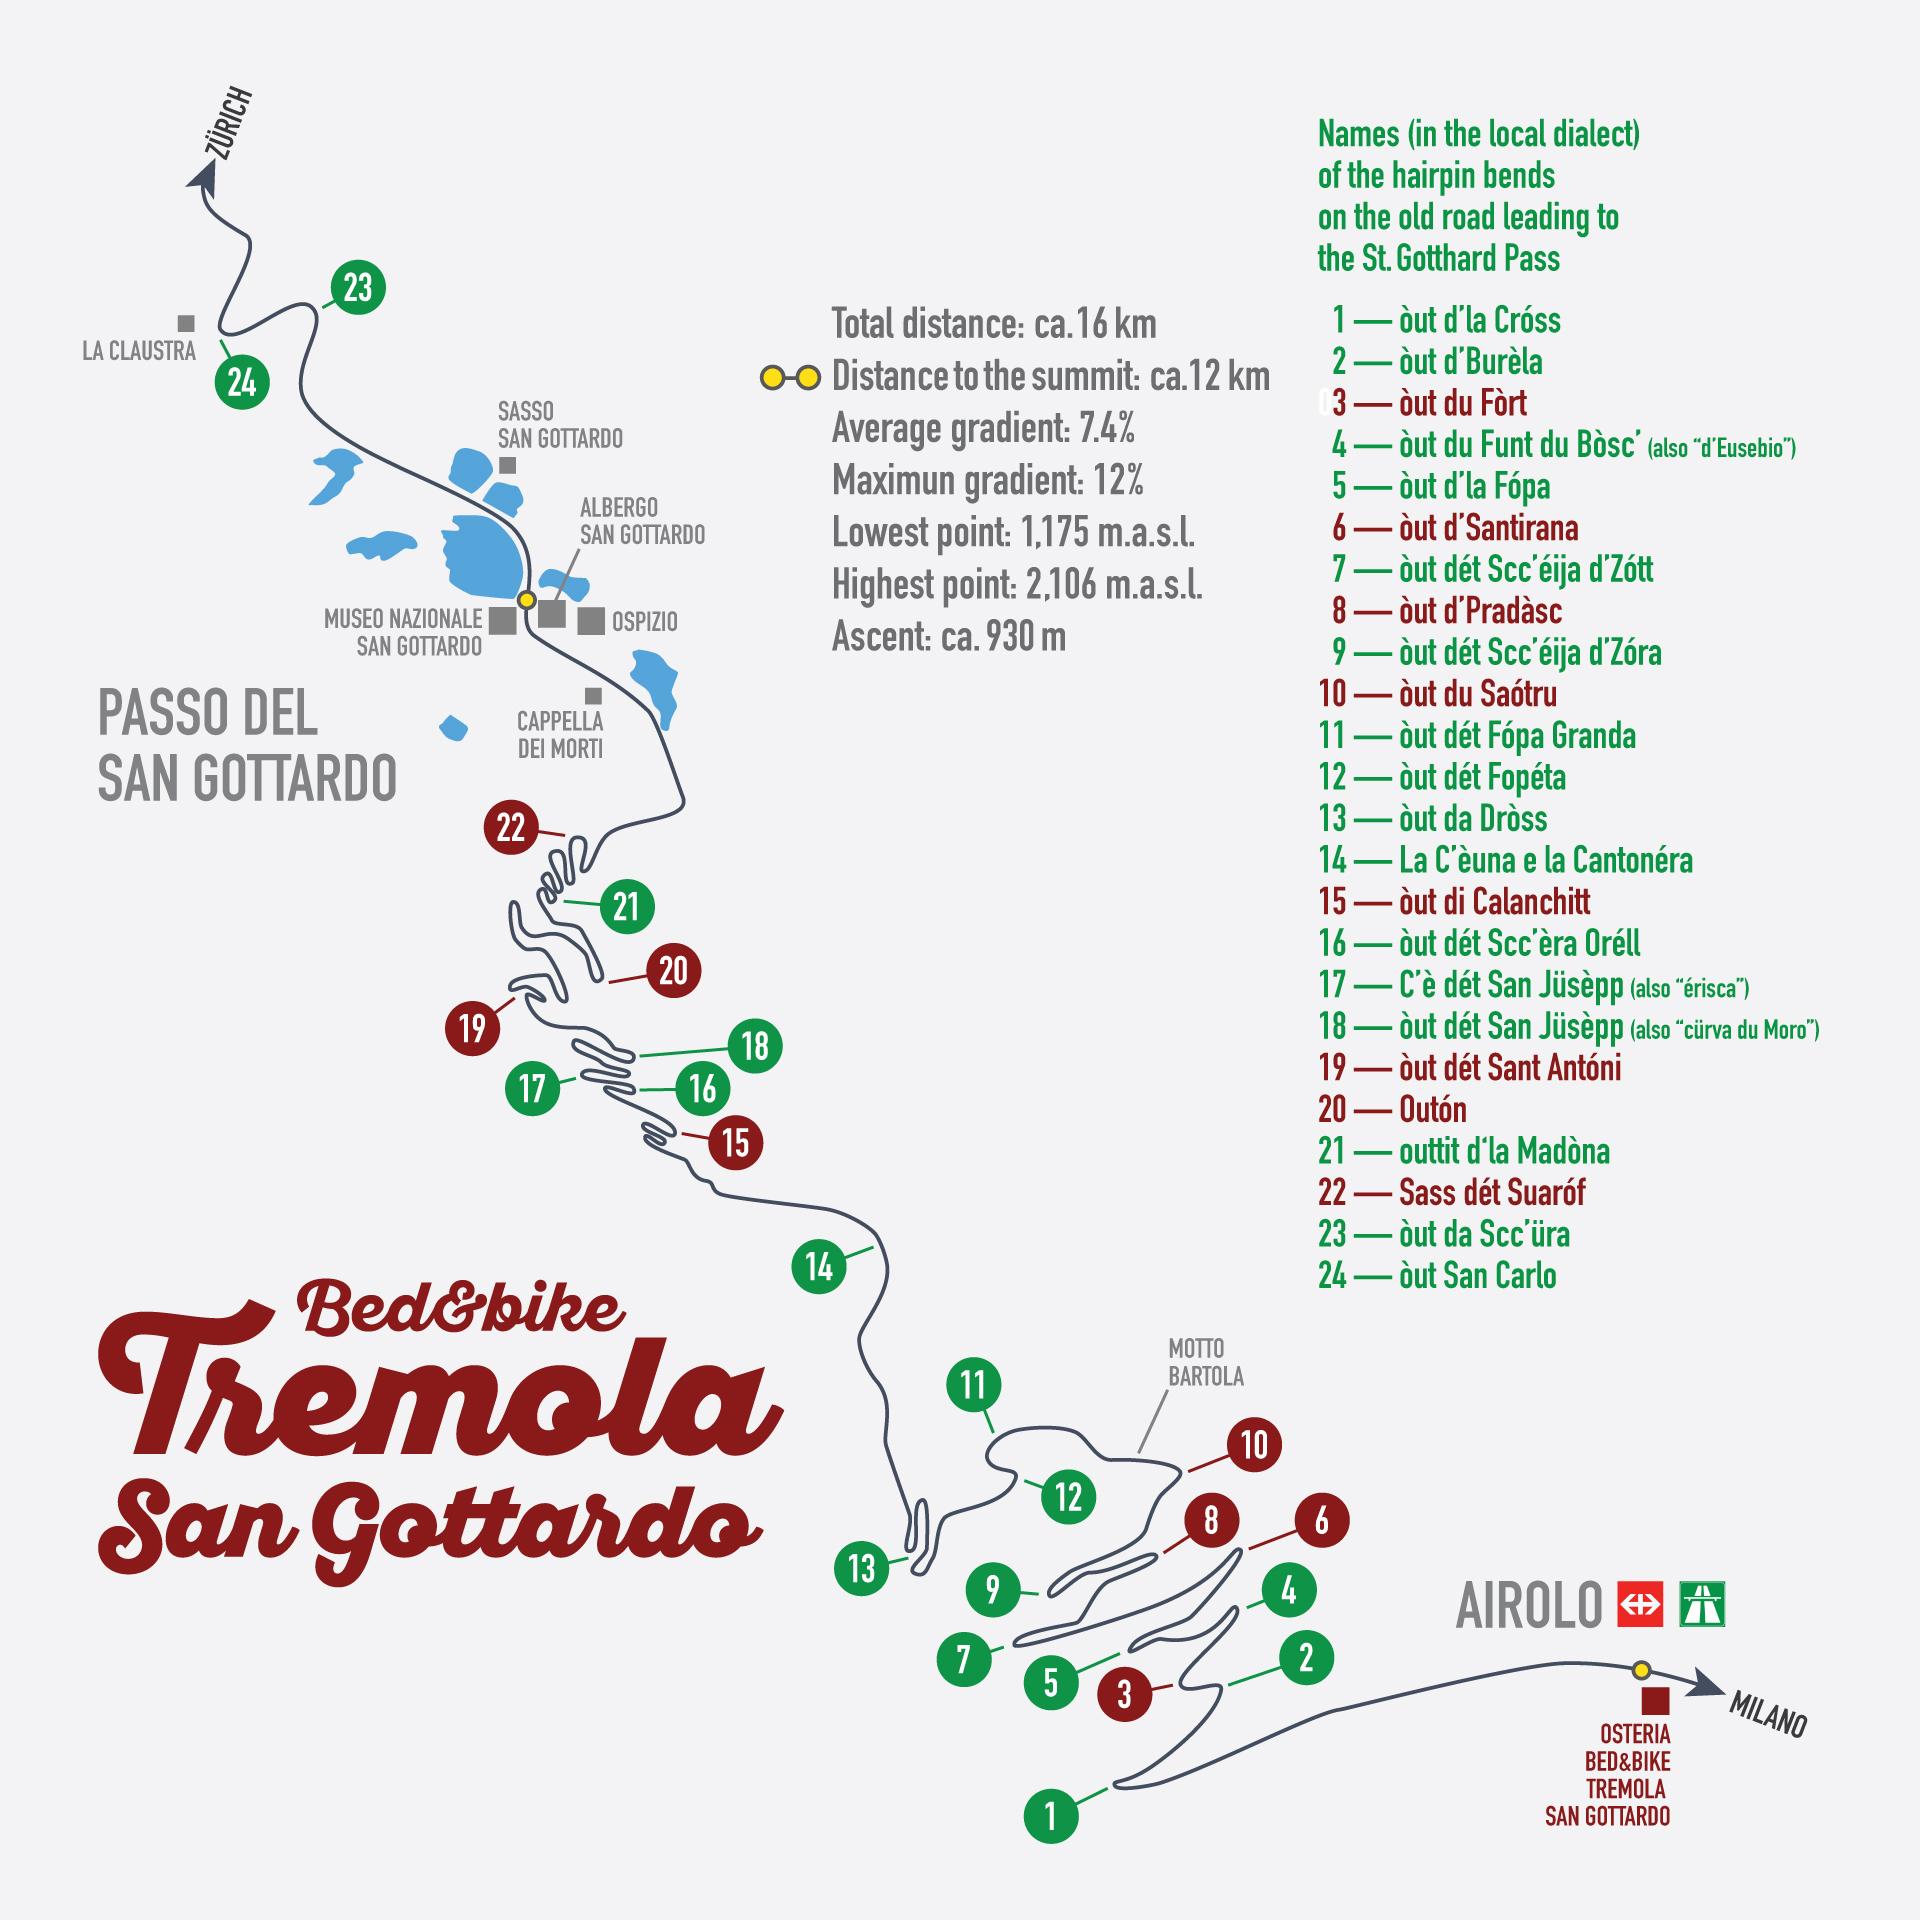 Tremola San Gottardo